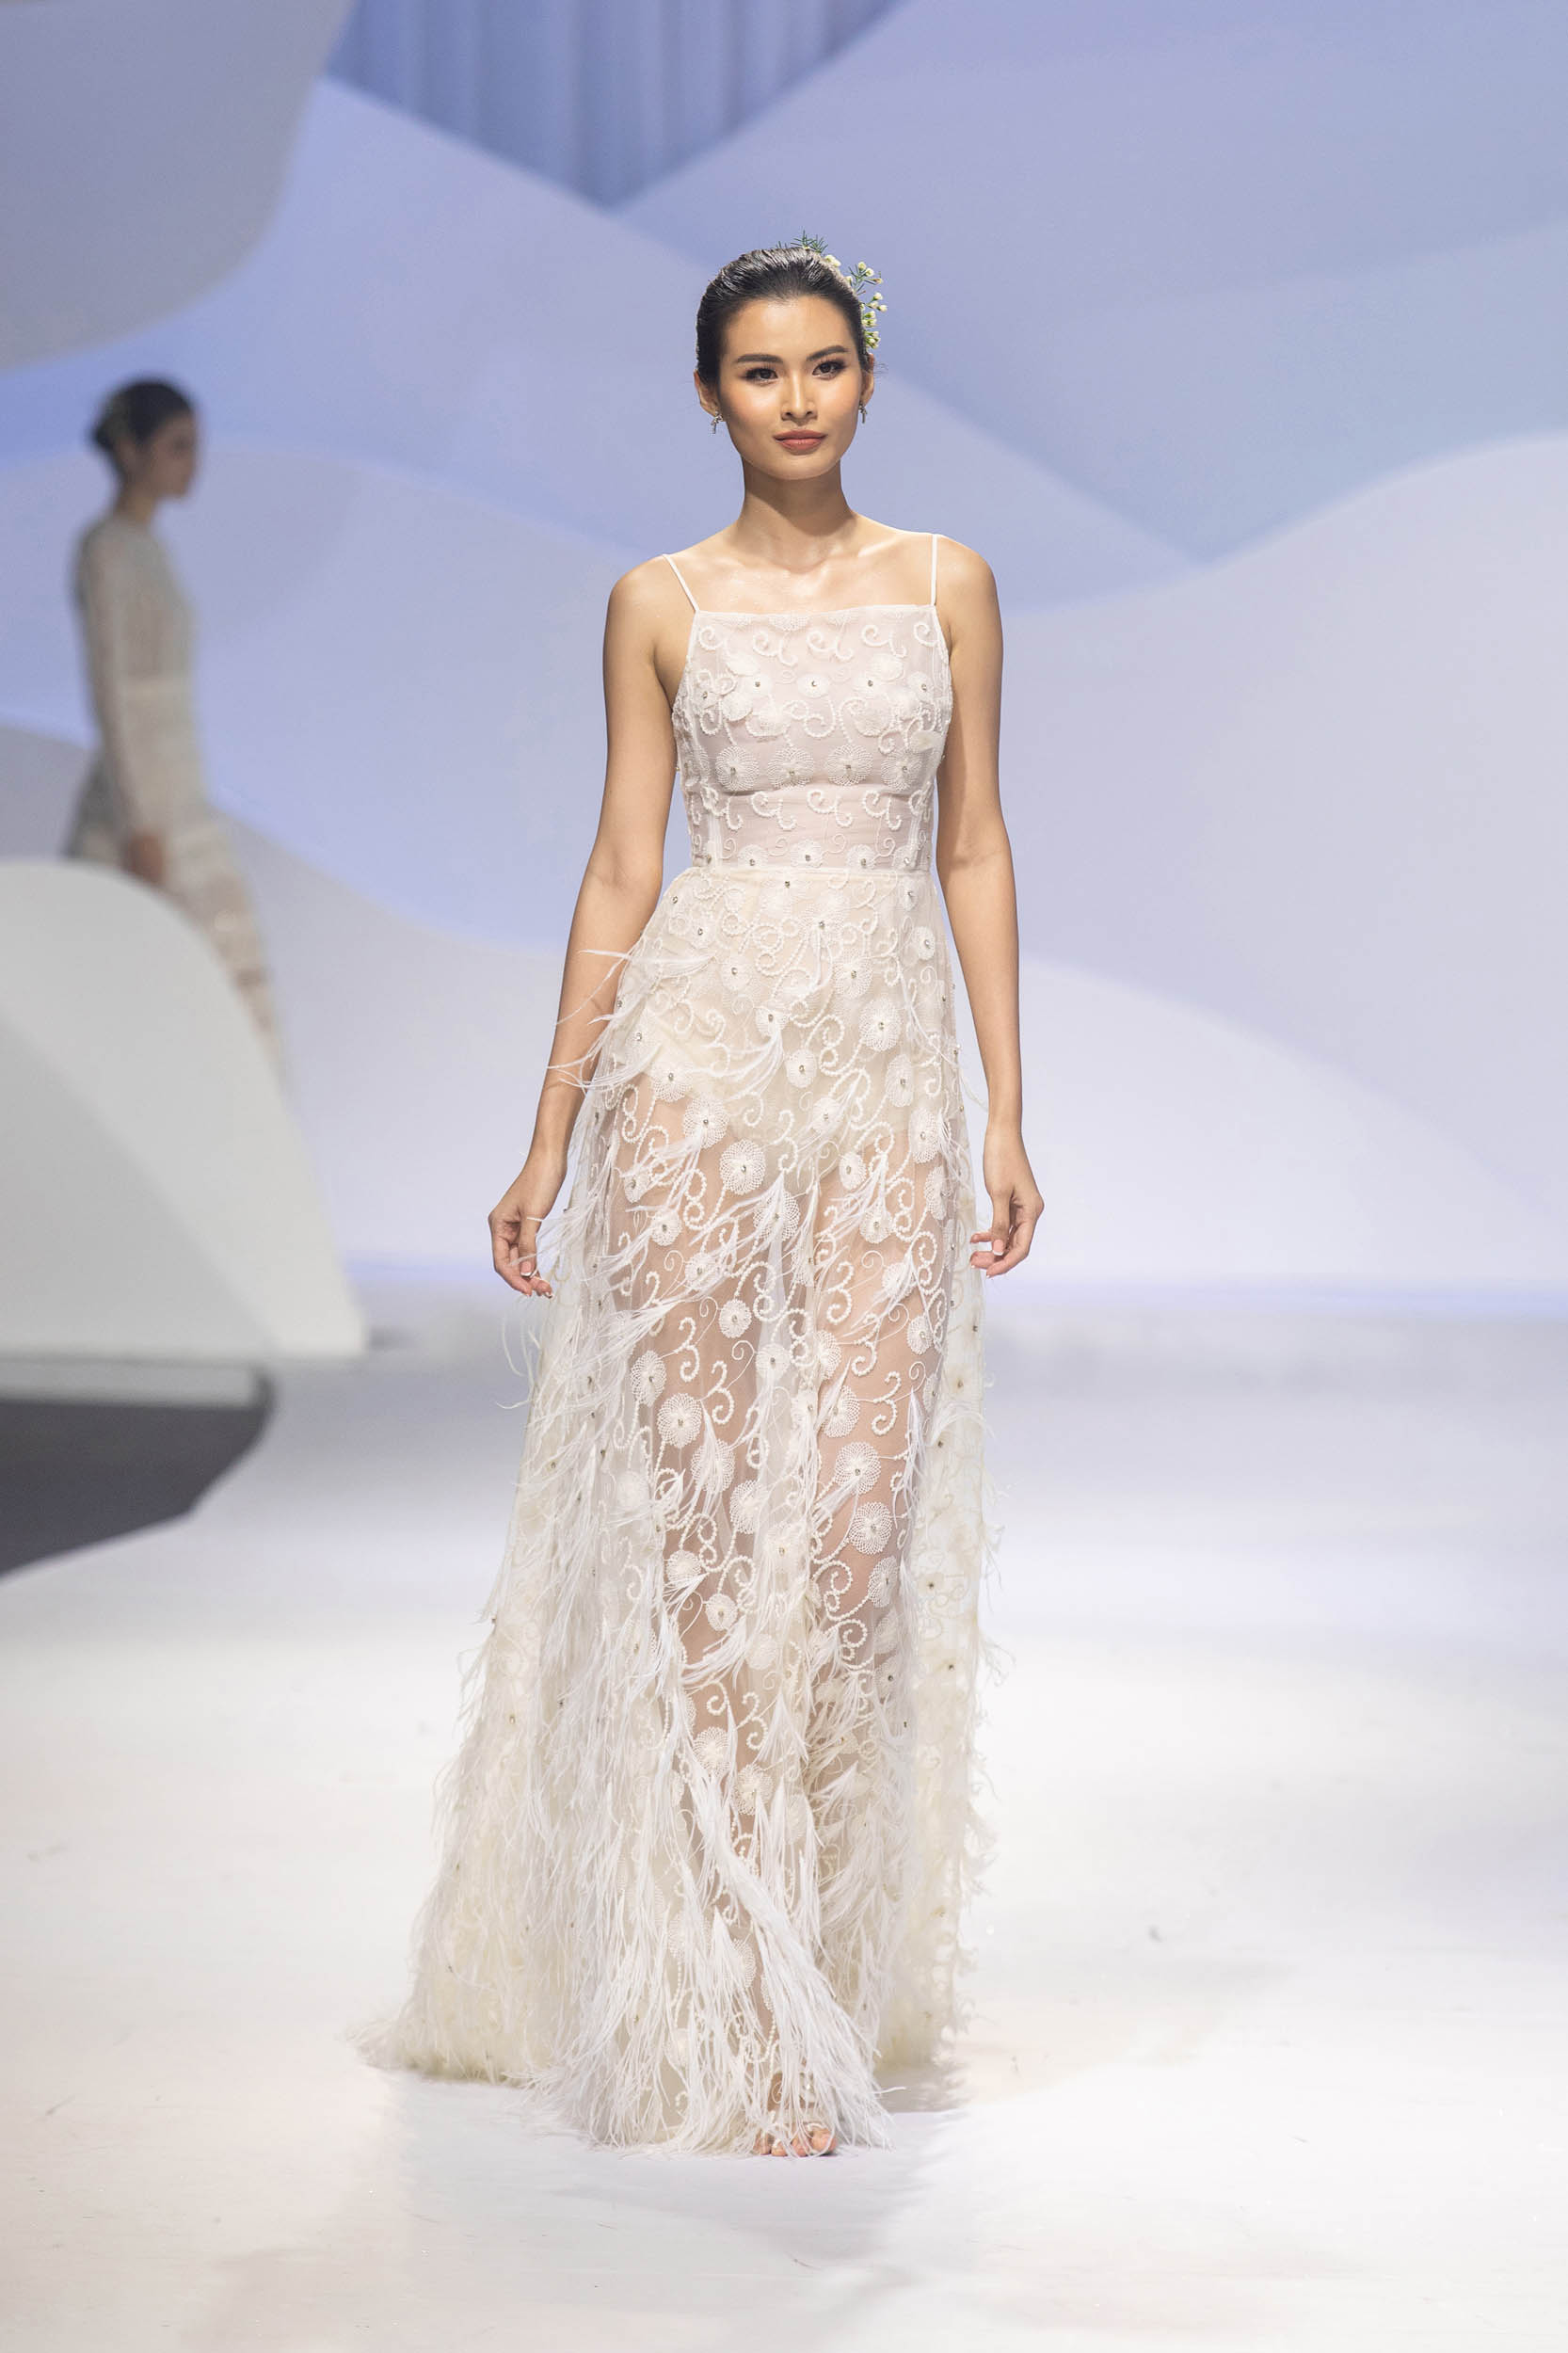 BST Decos Bridal Fall 2020 của NTK Nguyễn Phương đông cùng váy cưới chất liệu ren hoa tiết tỉ mỉ